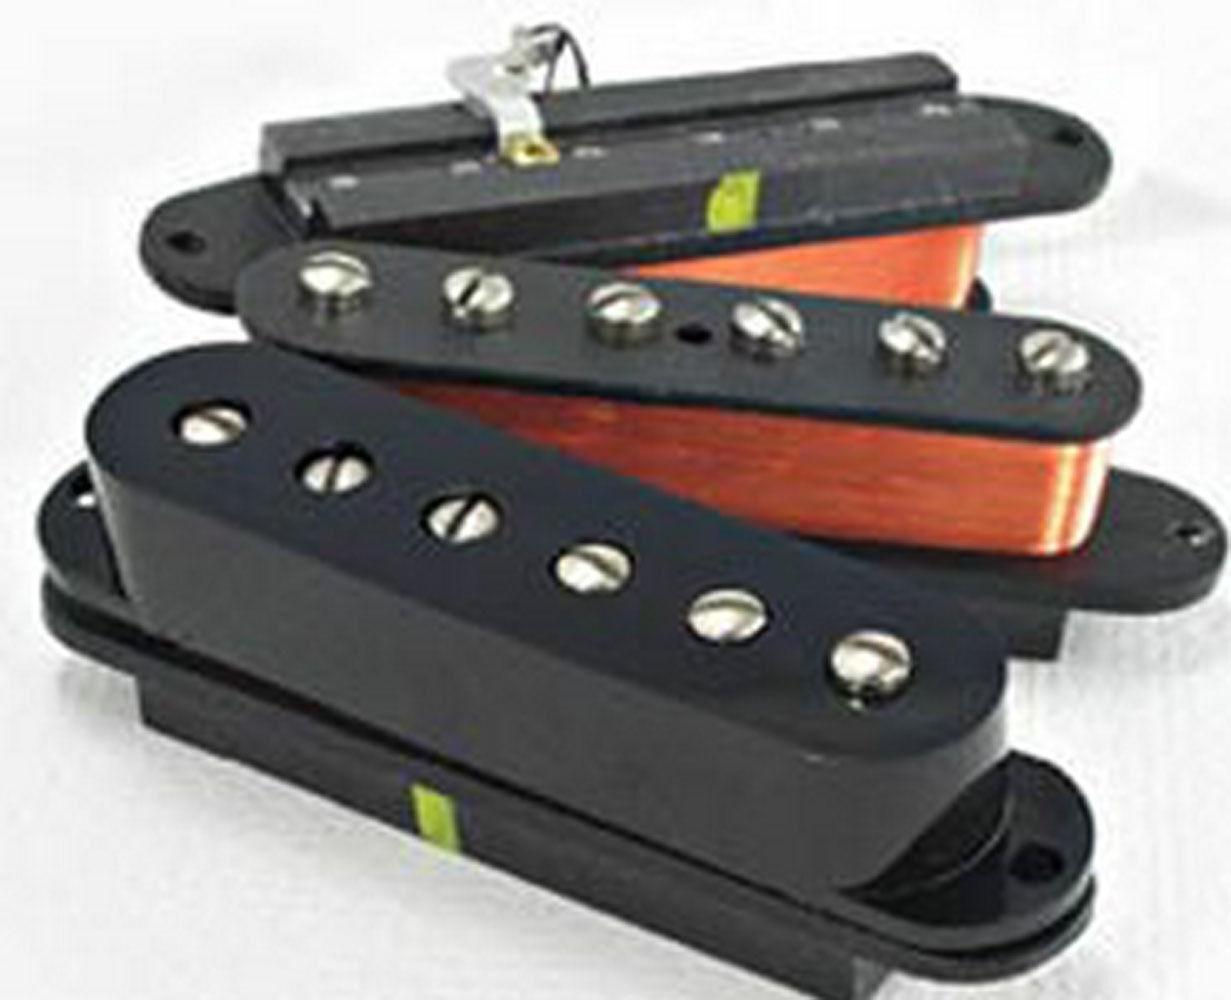 Neu Lindy Fralin Stahl Polig SP43 Strat Tonabnehmer Set von 3 Schwarz P90 Ton